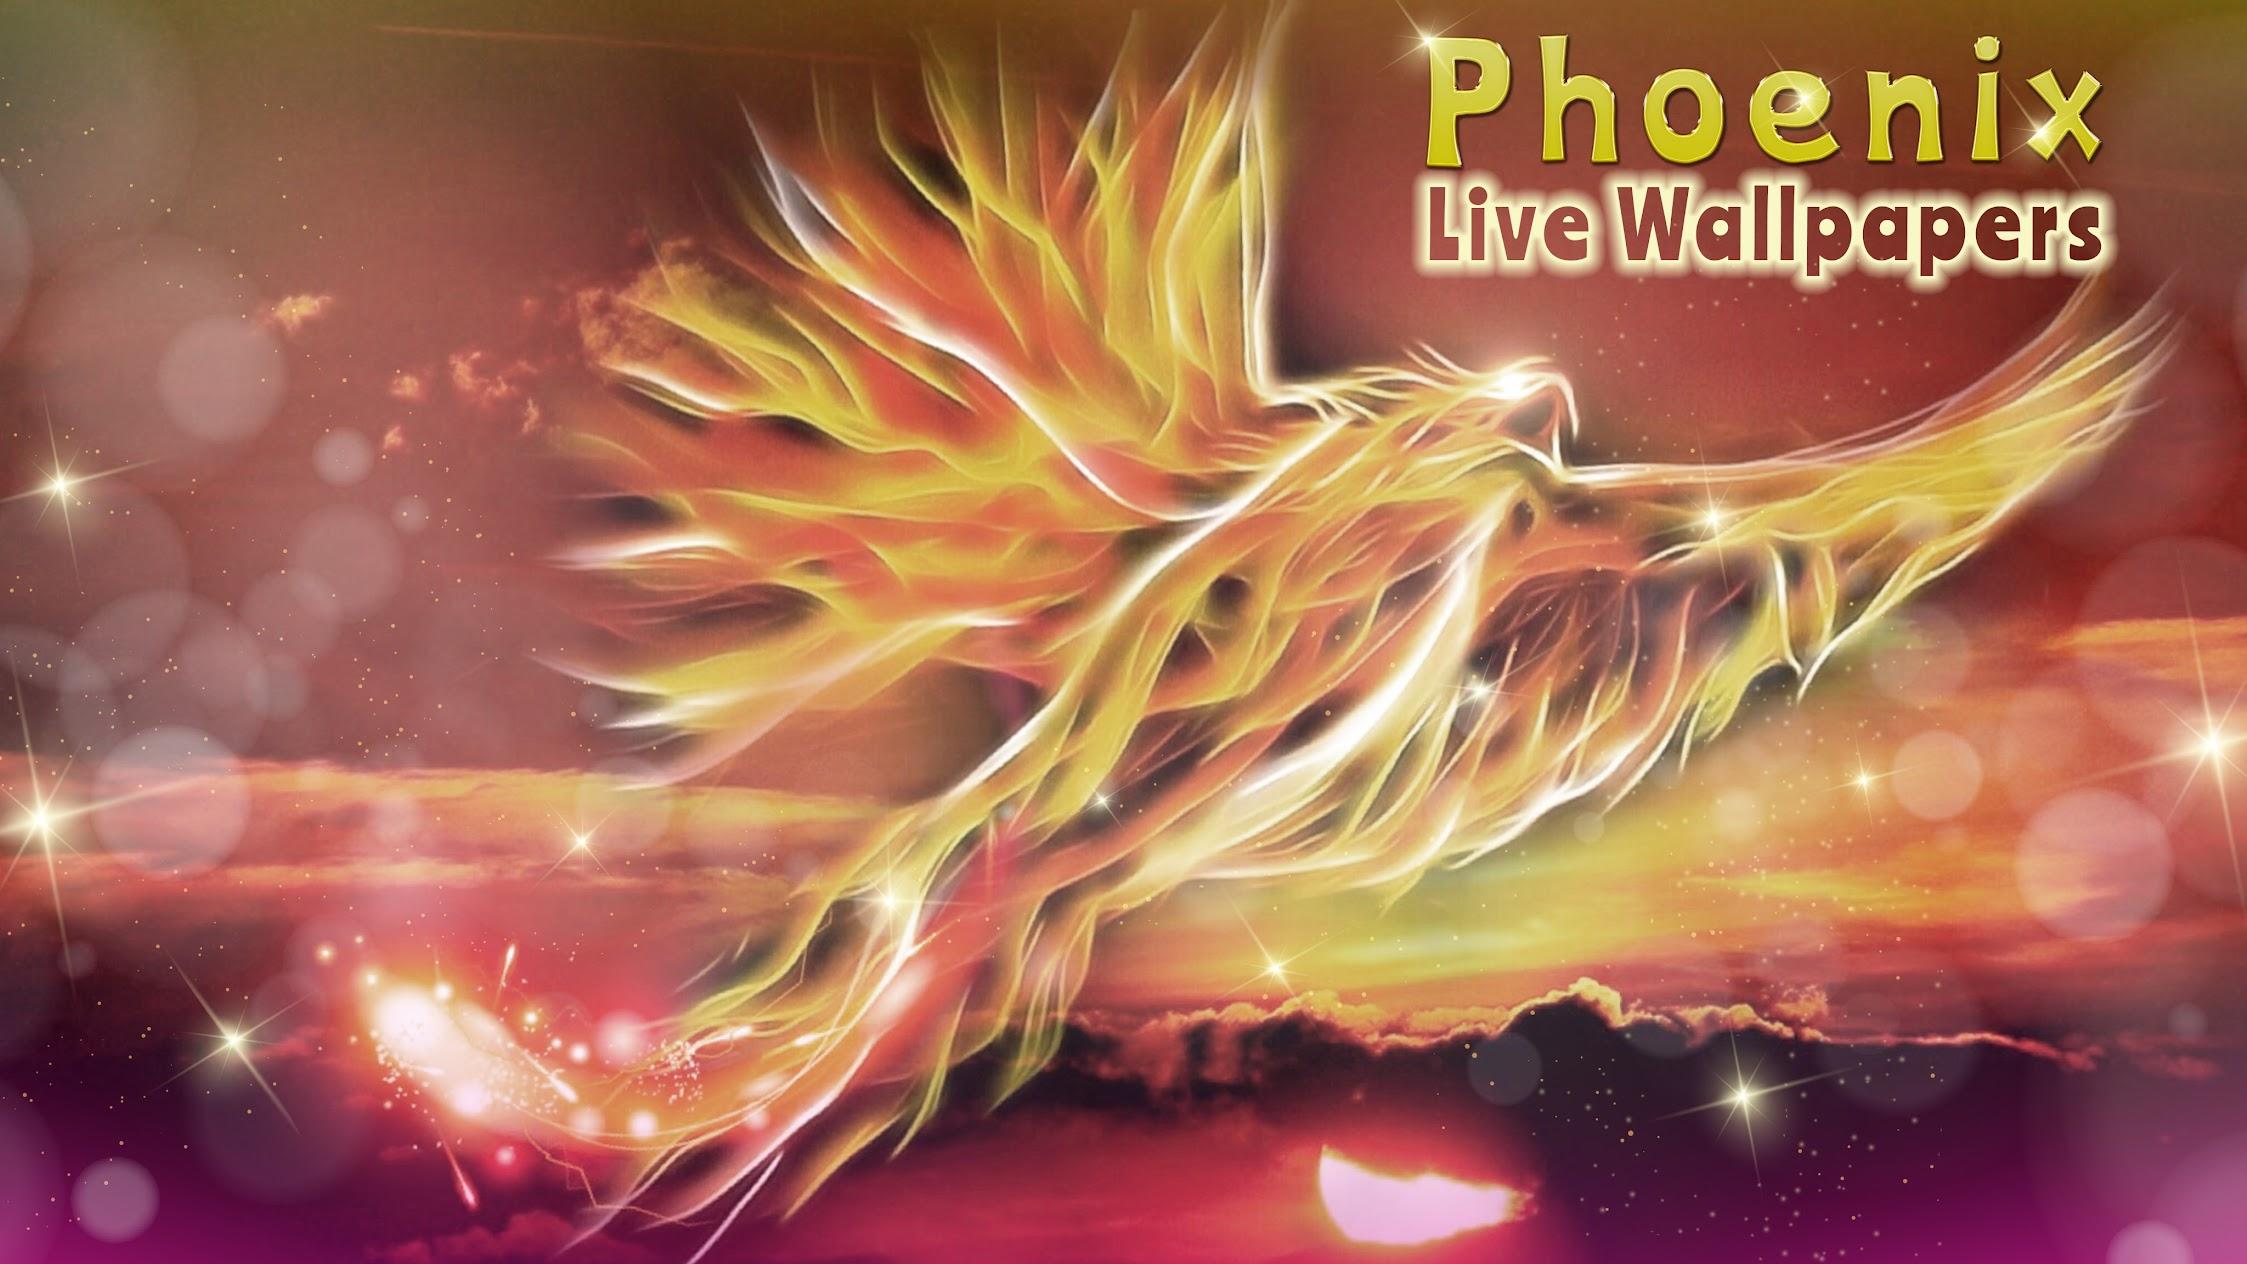 Phoenix Live Wallpapers